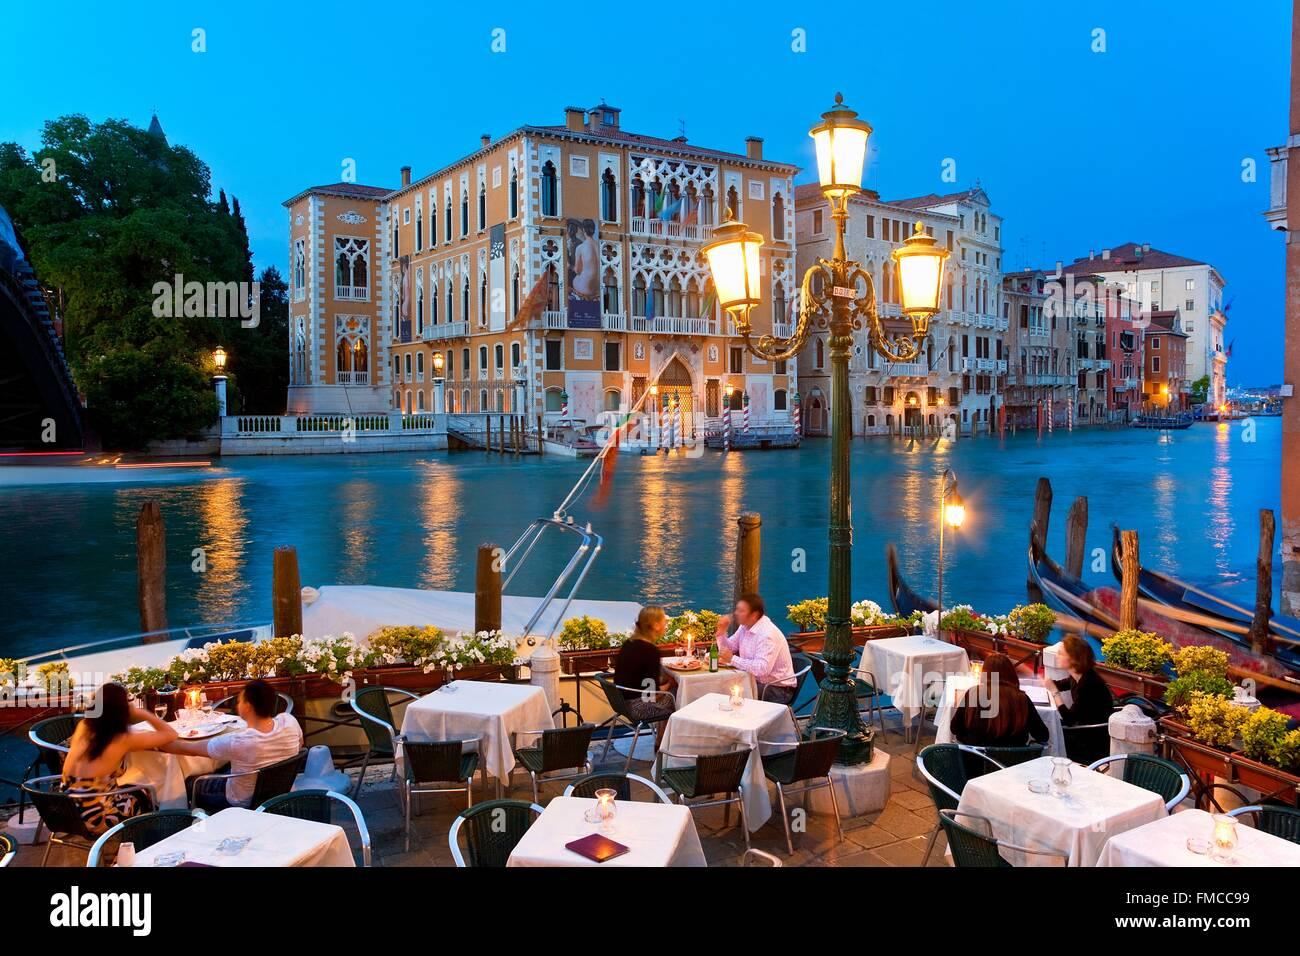 Italy Veneto Venice Restaurant And Terrace Along Grand